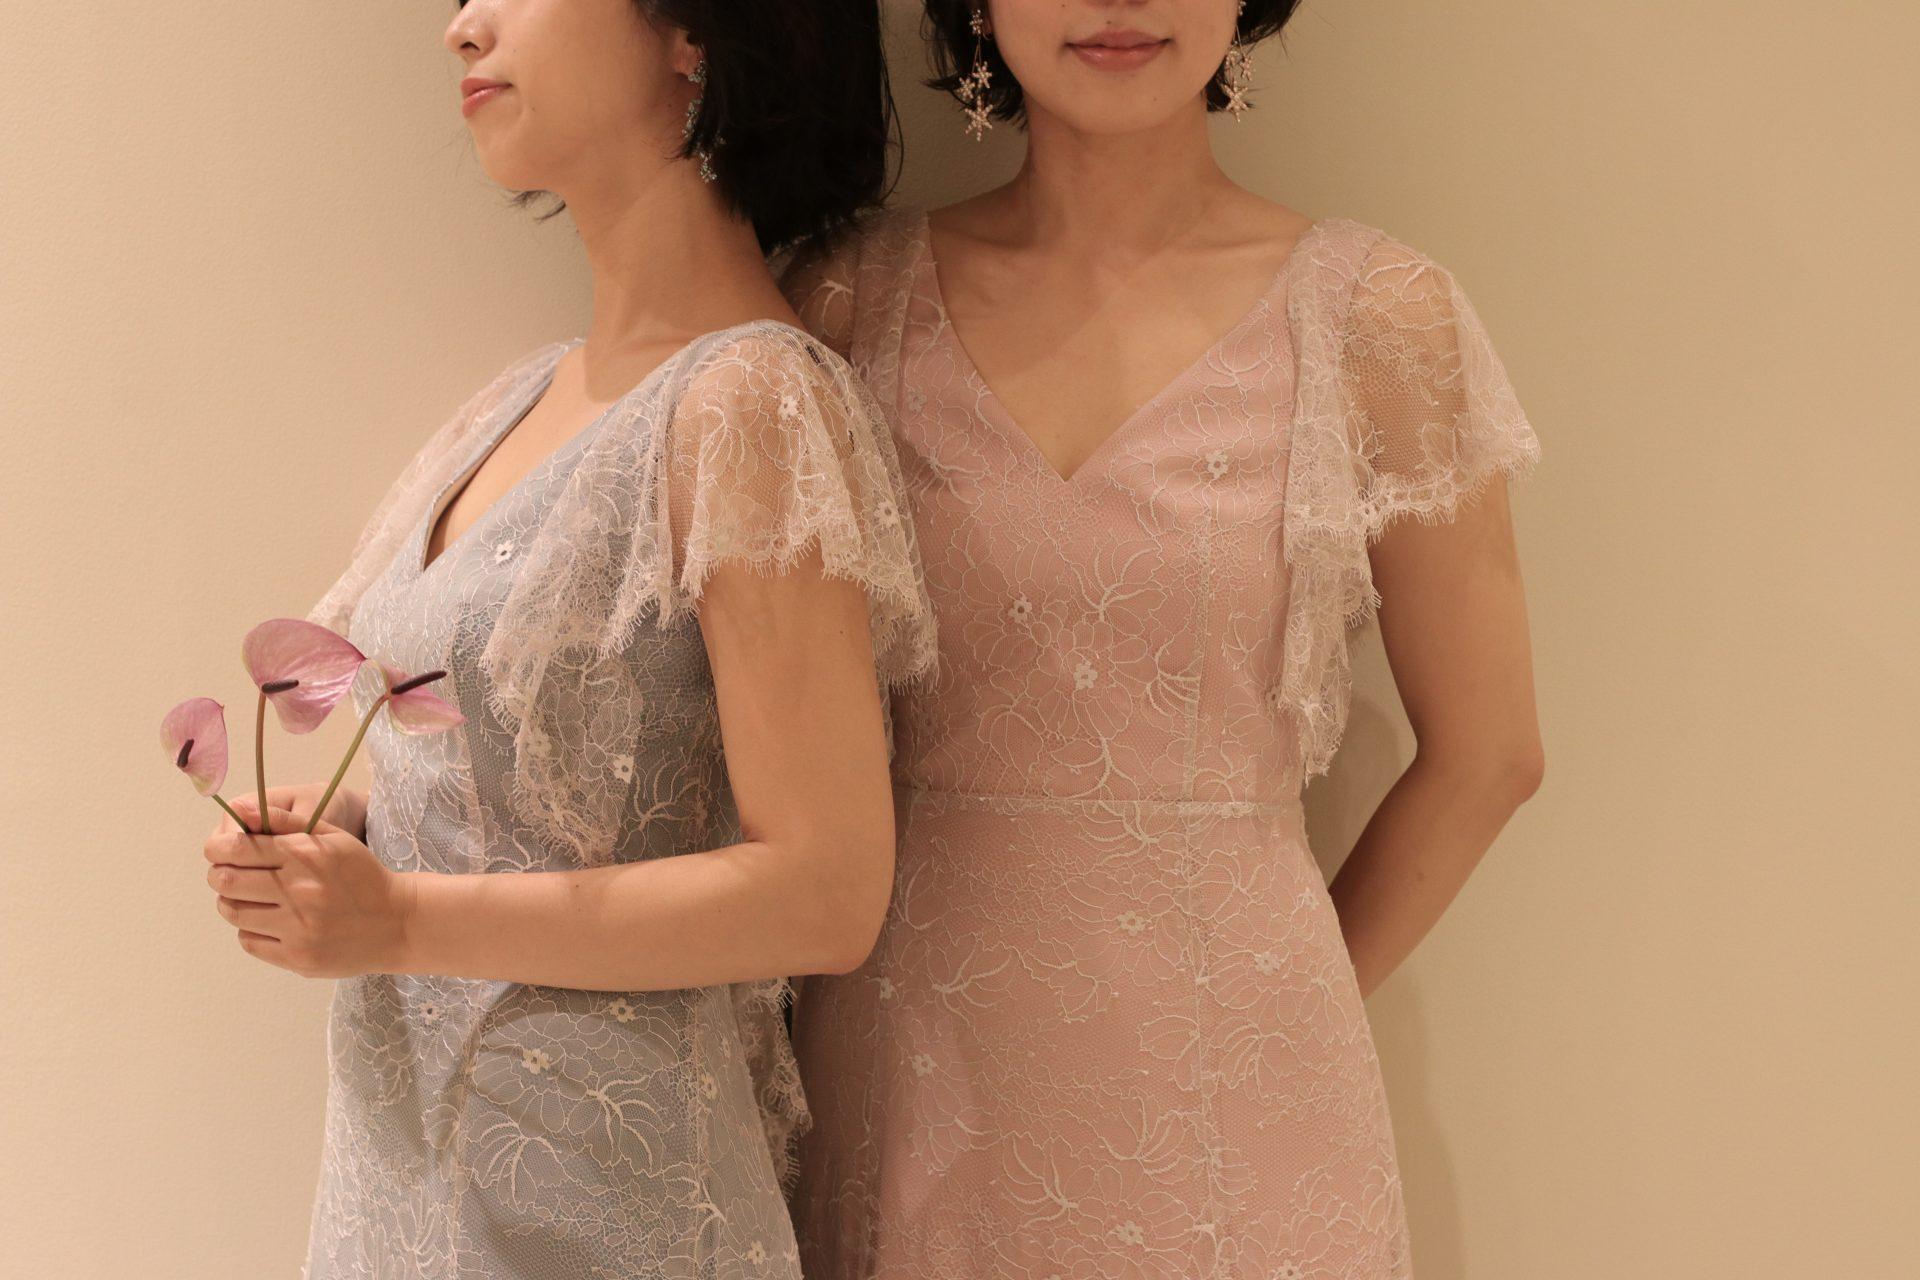 東京表参道にあるドレスショップ、ザ・トリート・ドレッシングからご紹介させていただくのは、ピンクとブルーのニュアンスカラーが特徴の、お洒落な花嫁様におすすめしたいカラードレスです